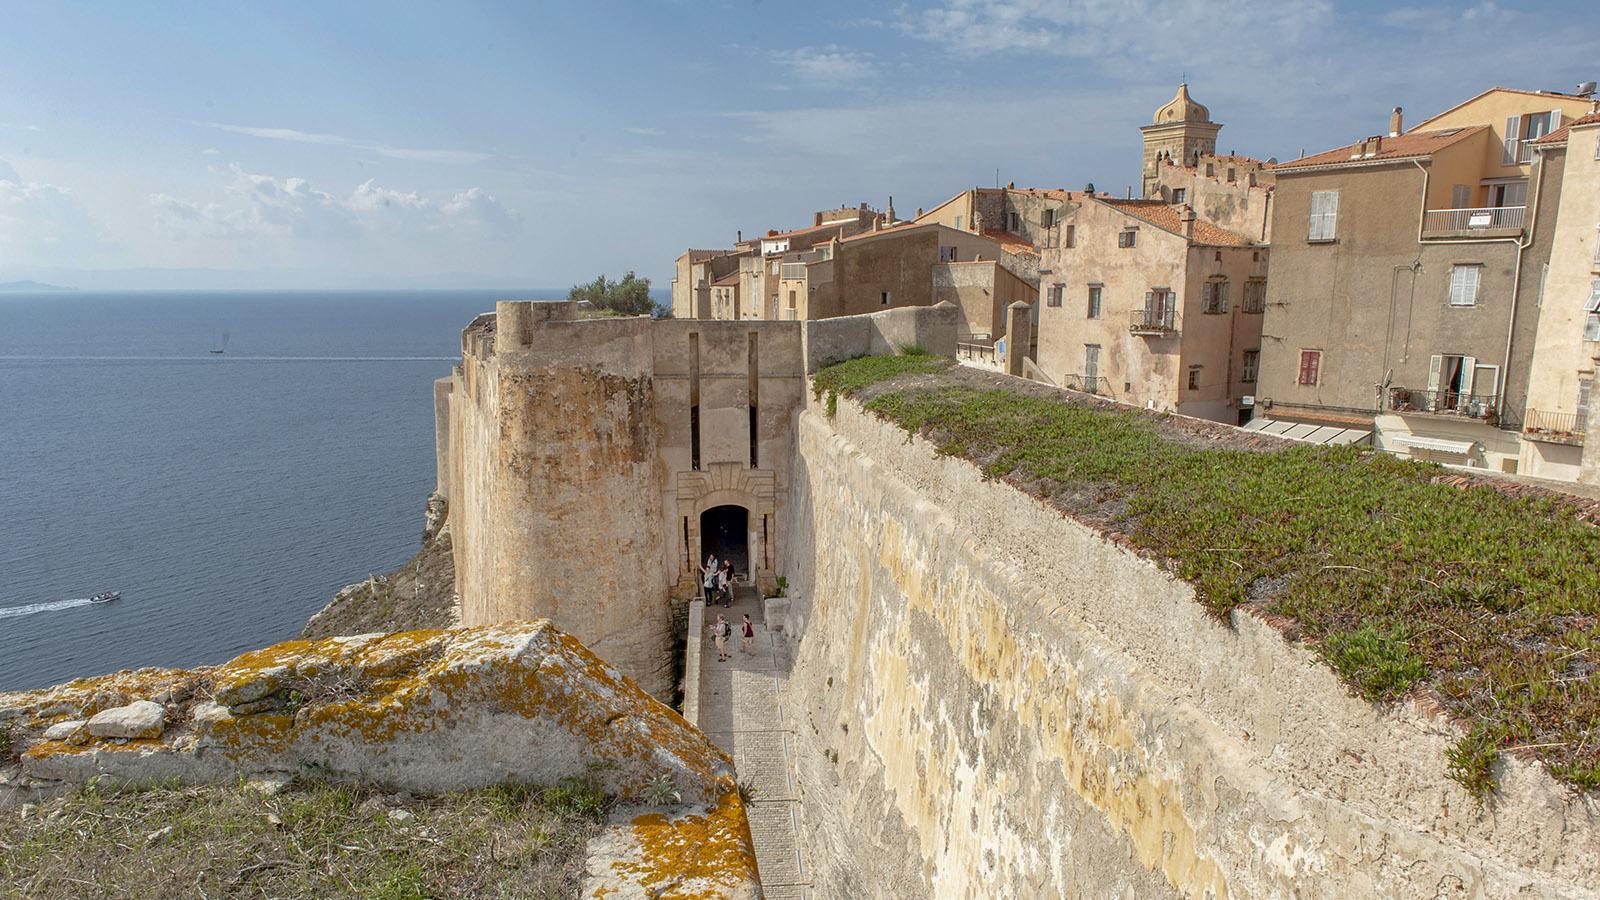 Bonifacio: Die Porte de Gênes mit der Bastion de l'Étendard und der Oberstadt. Foto: Hilke Maunder